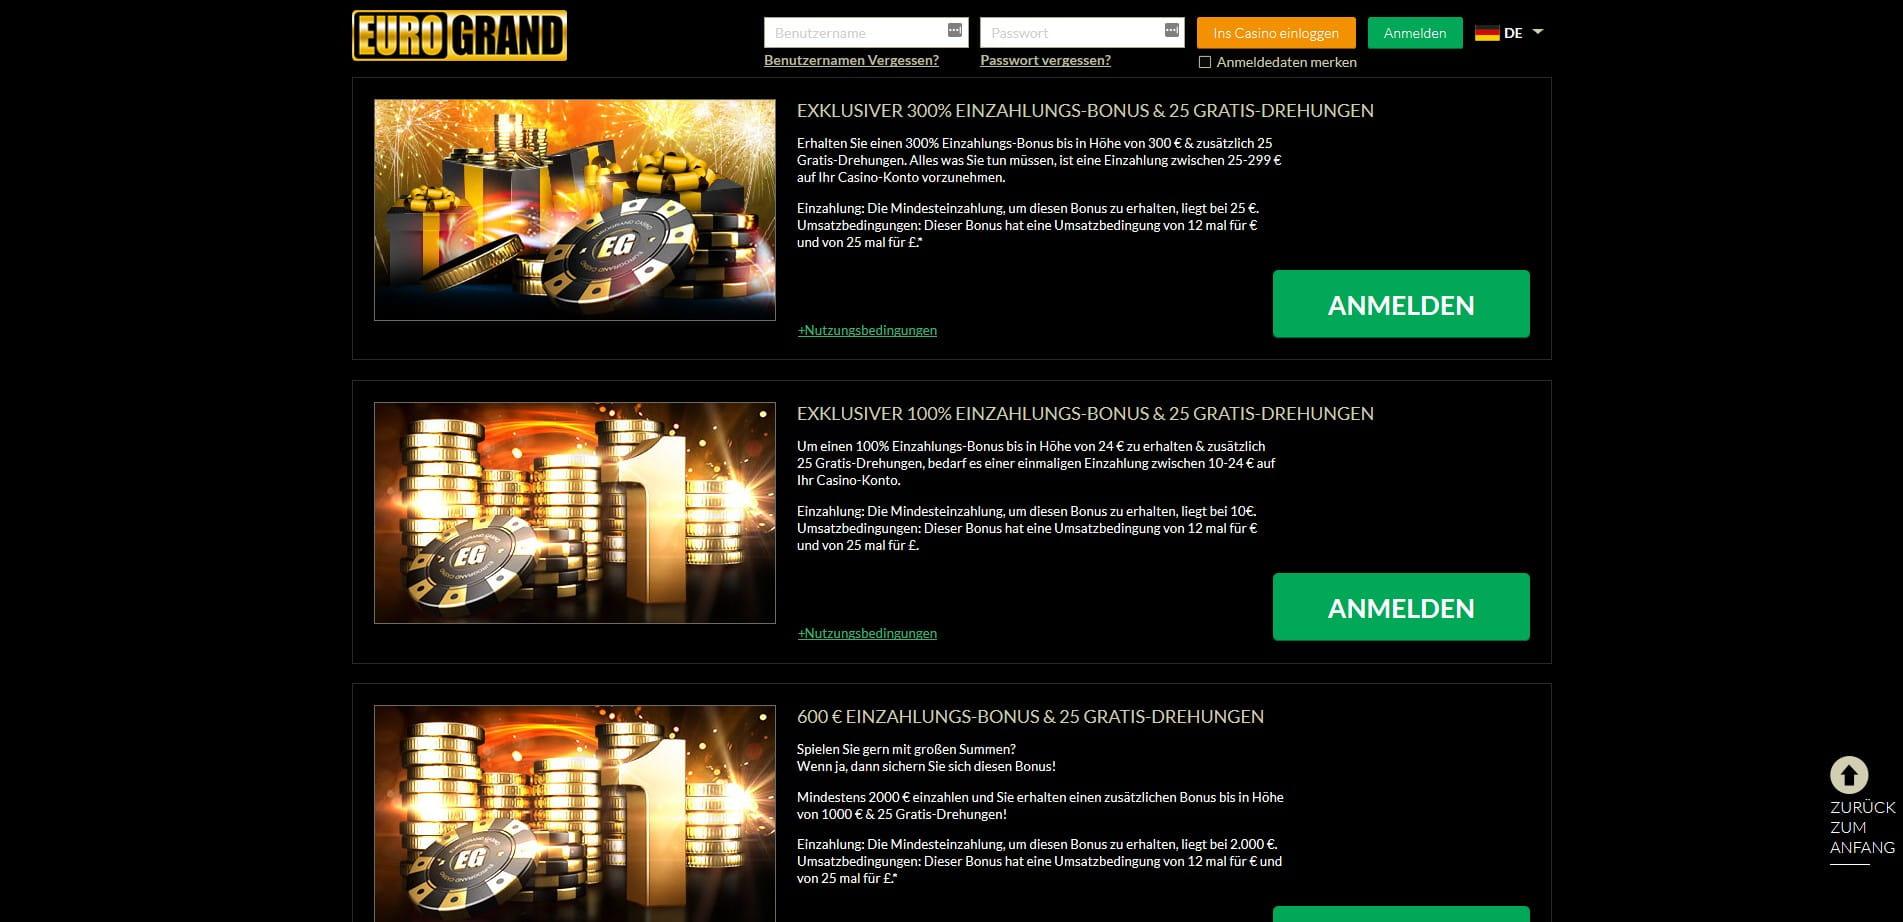 Online Casino Erfahrungen - 730029